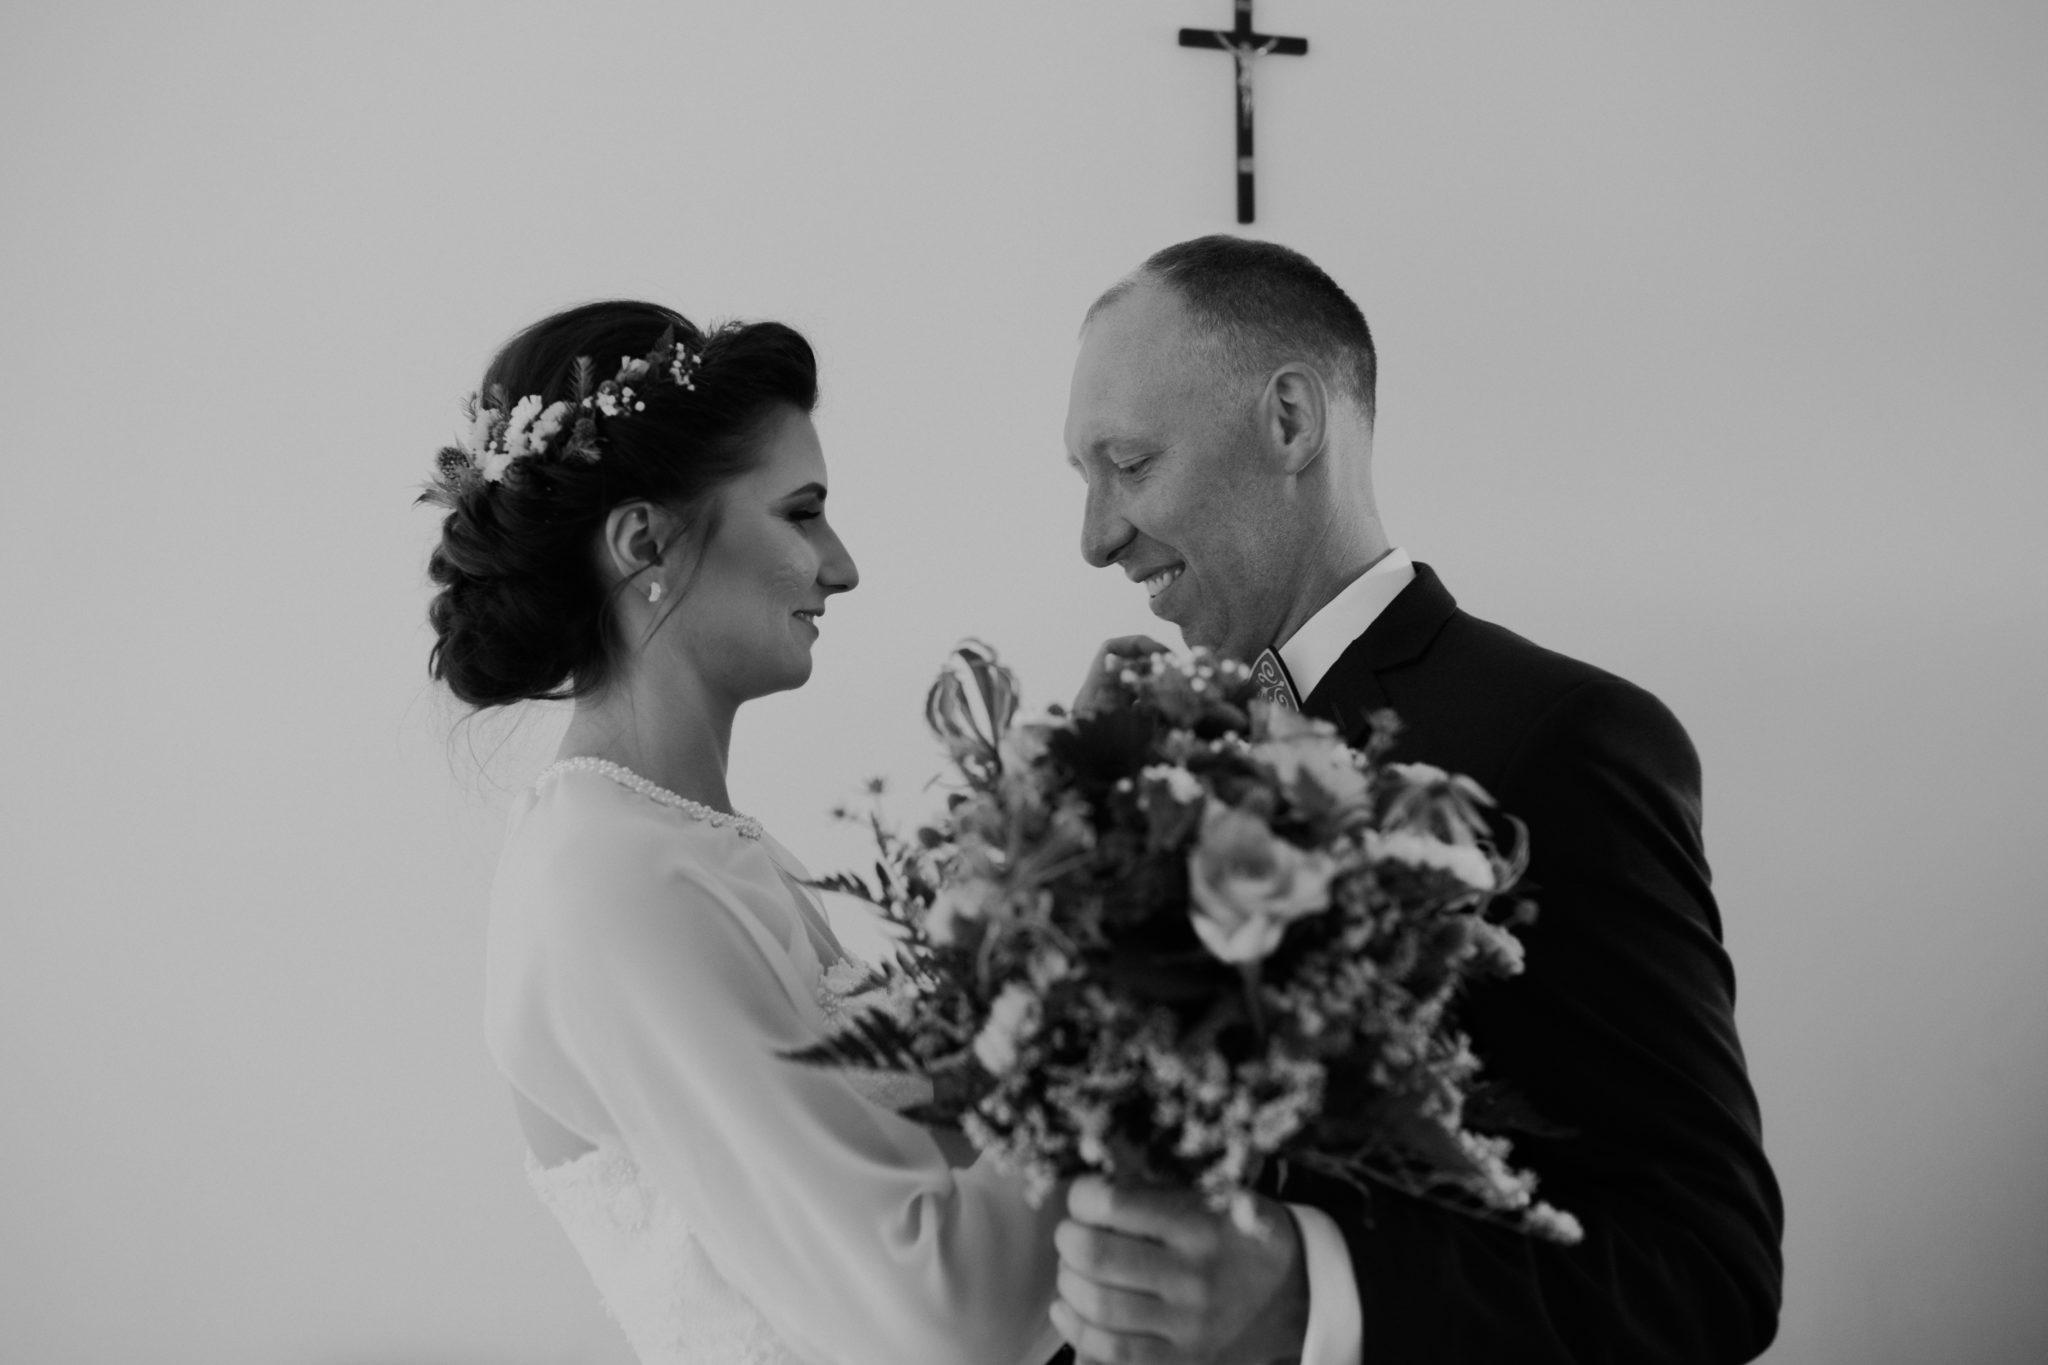 gosia i kuba38 1 - fotografiagk Fotografia ślubna RK wedding